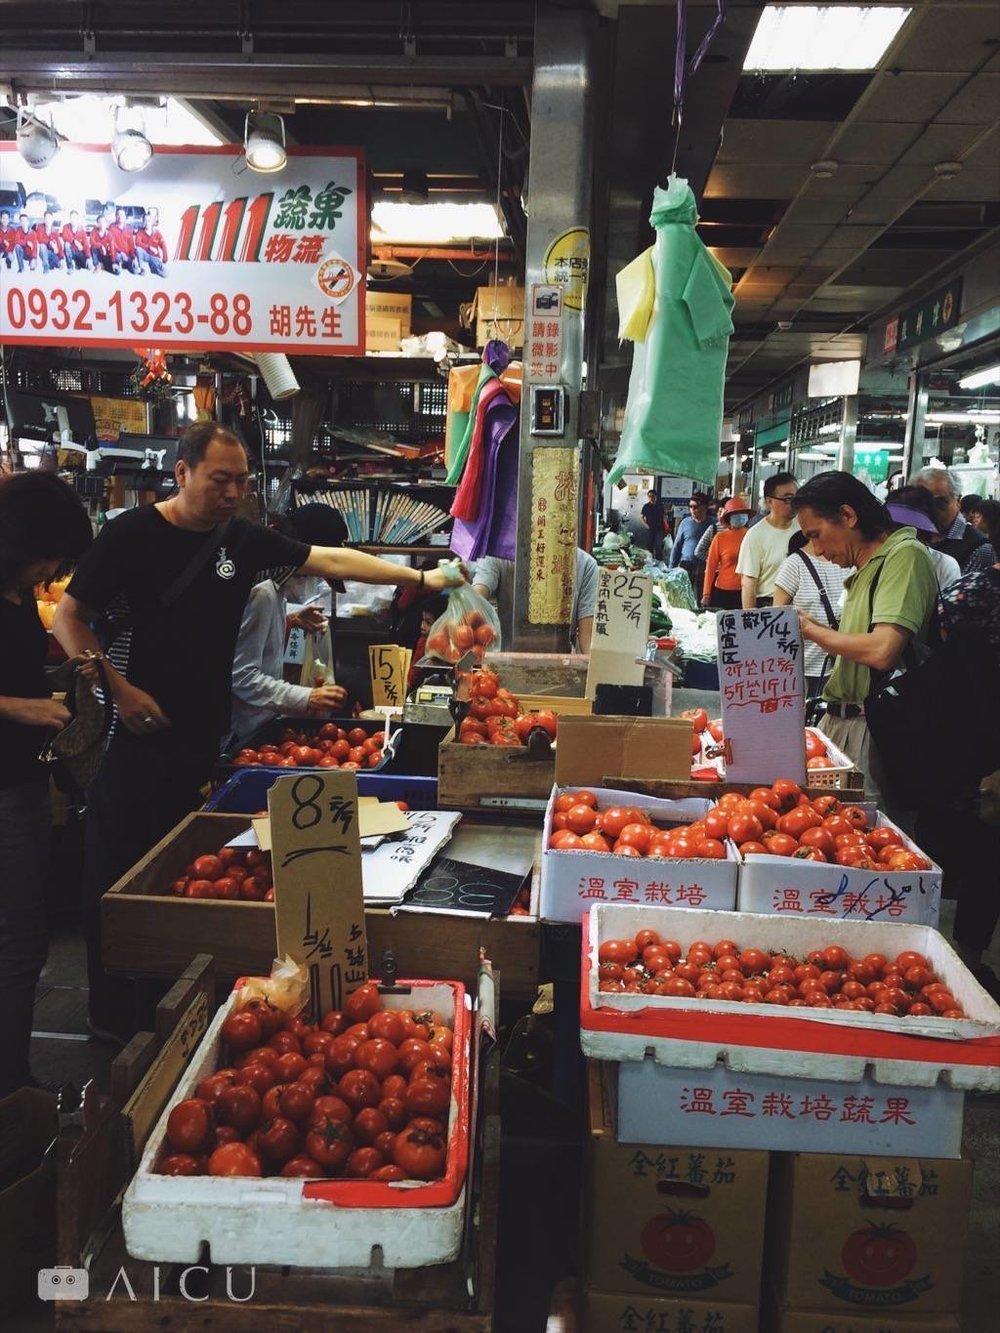 濱江市場靠近馬路這一側,在專賣山藥南瓜等根莖類旁,這攤專賣番茄的攤商。